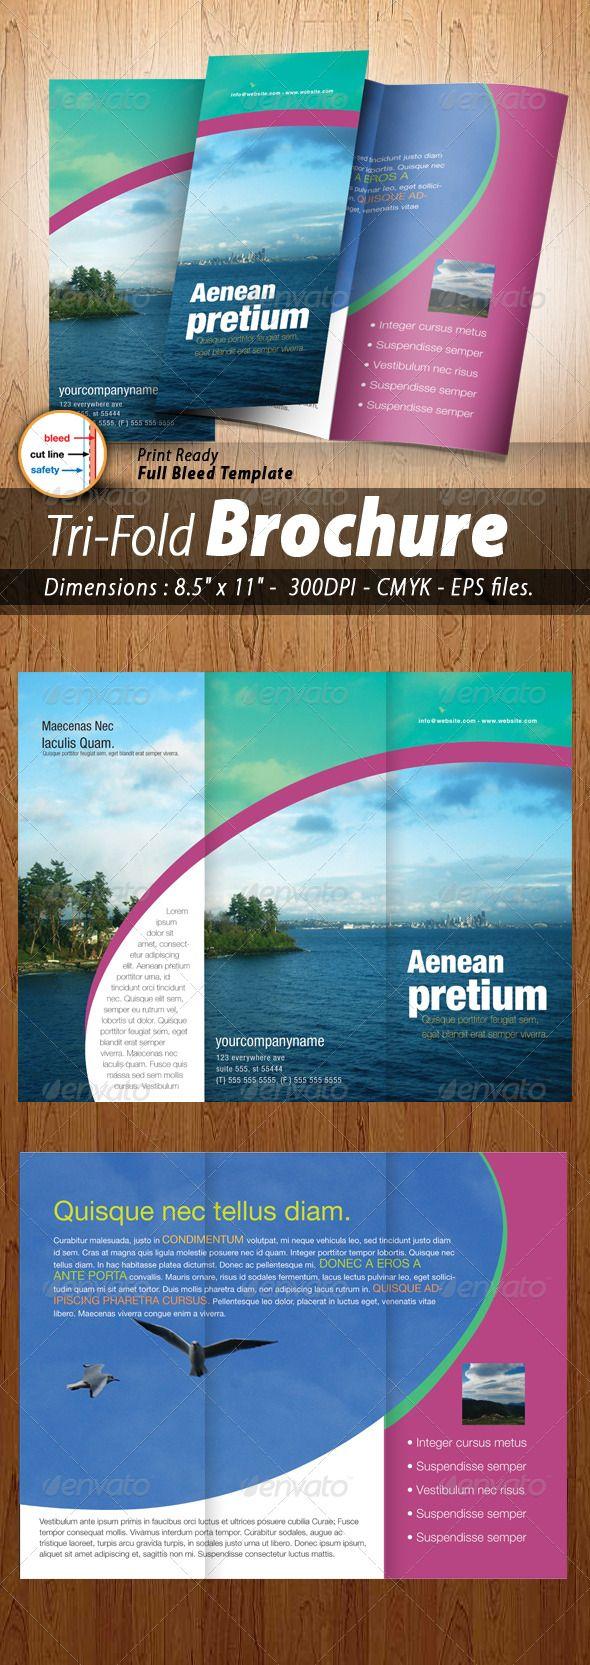 87 Best Tri Fold Brochure Images On Pinterest Brochures